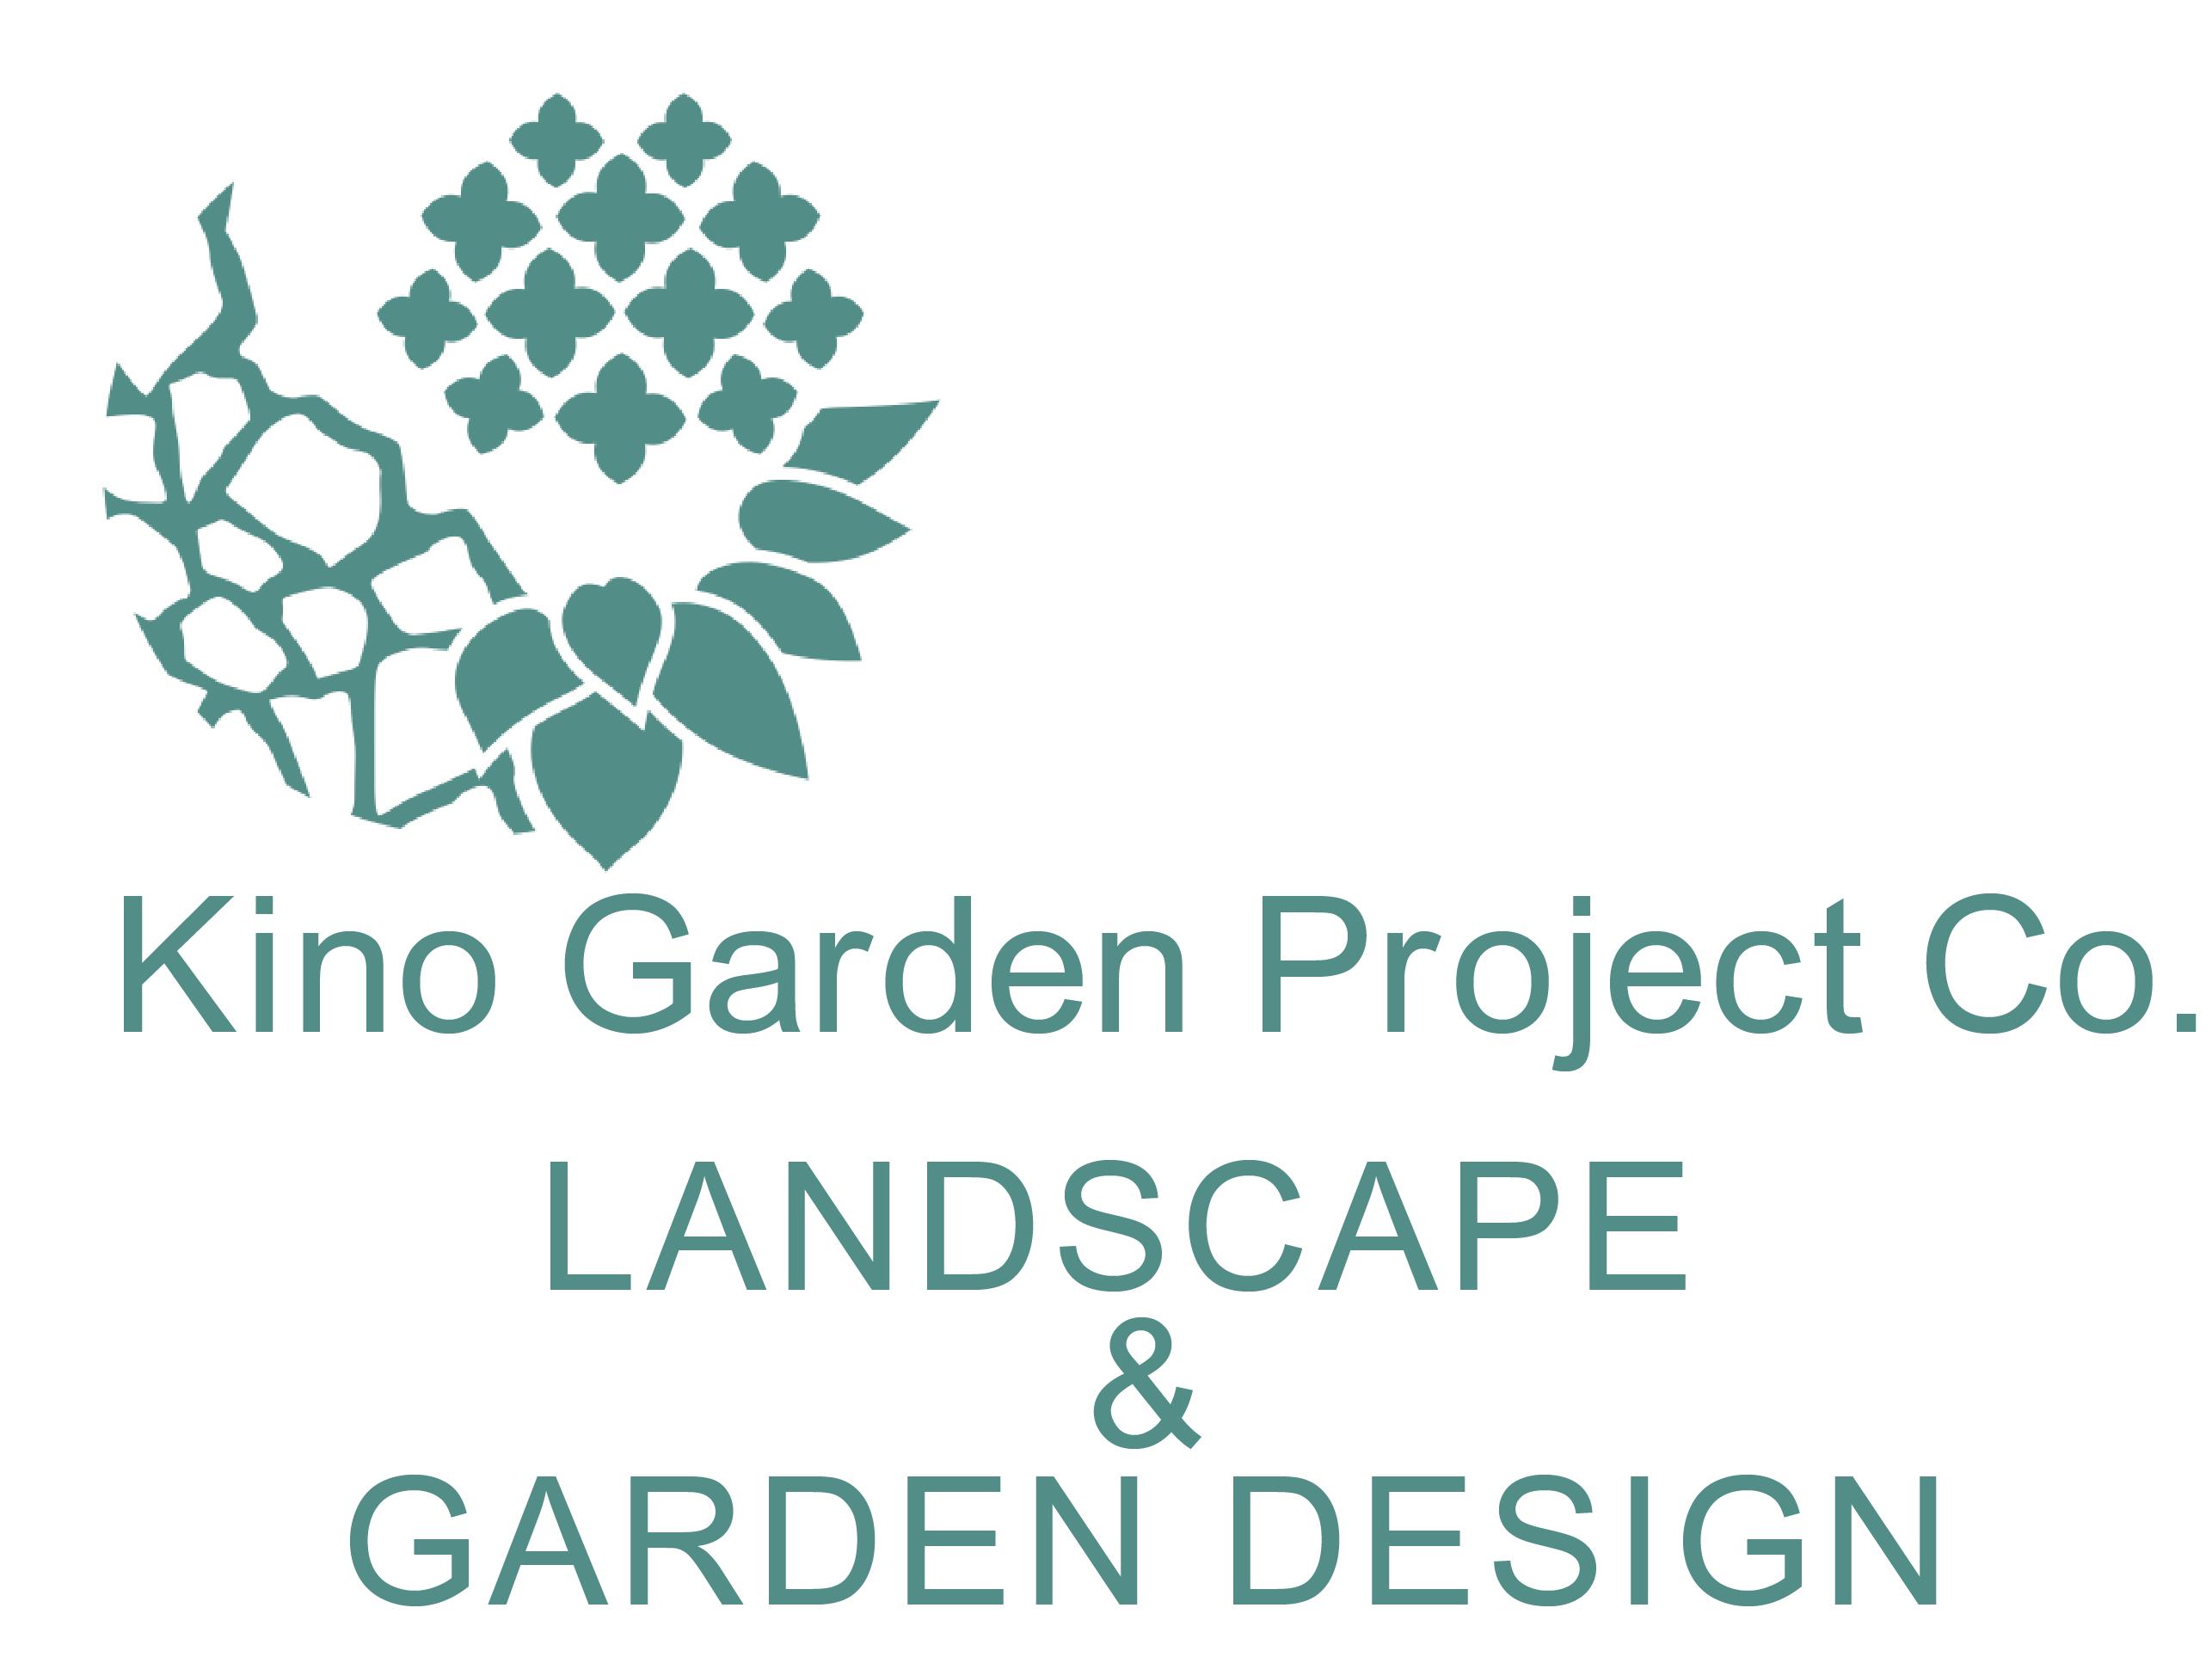 木野花園計画リンク